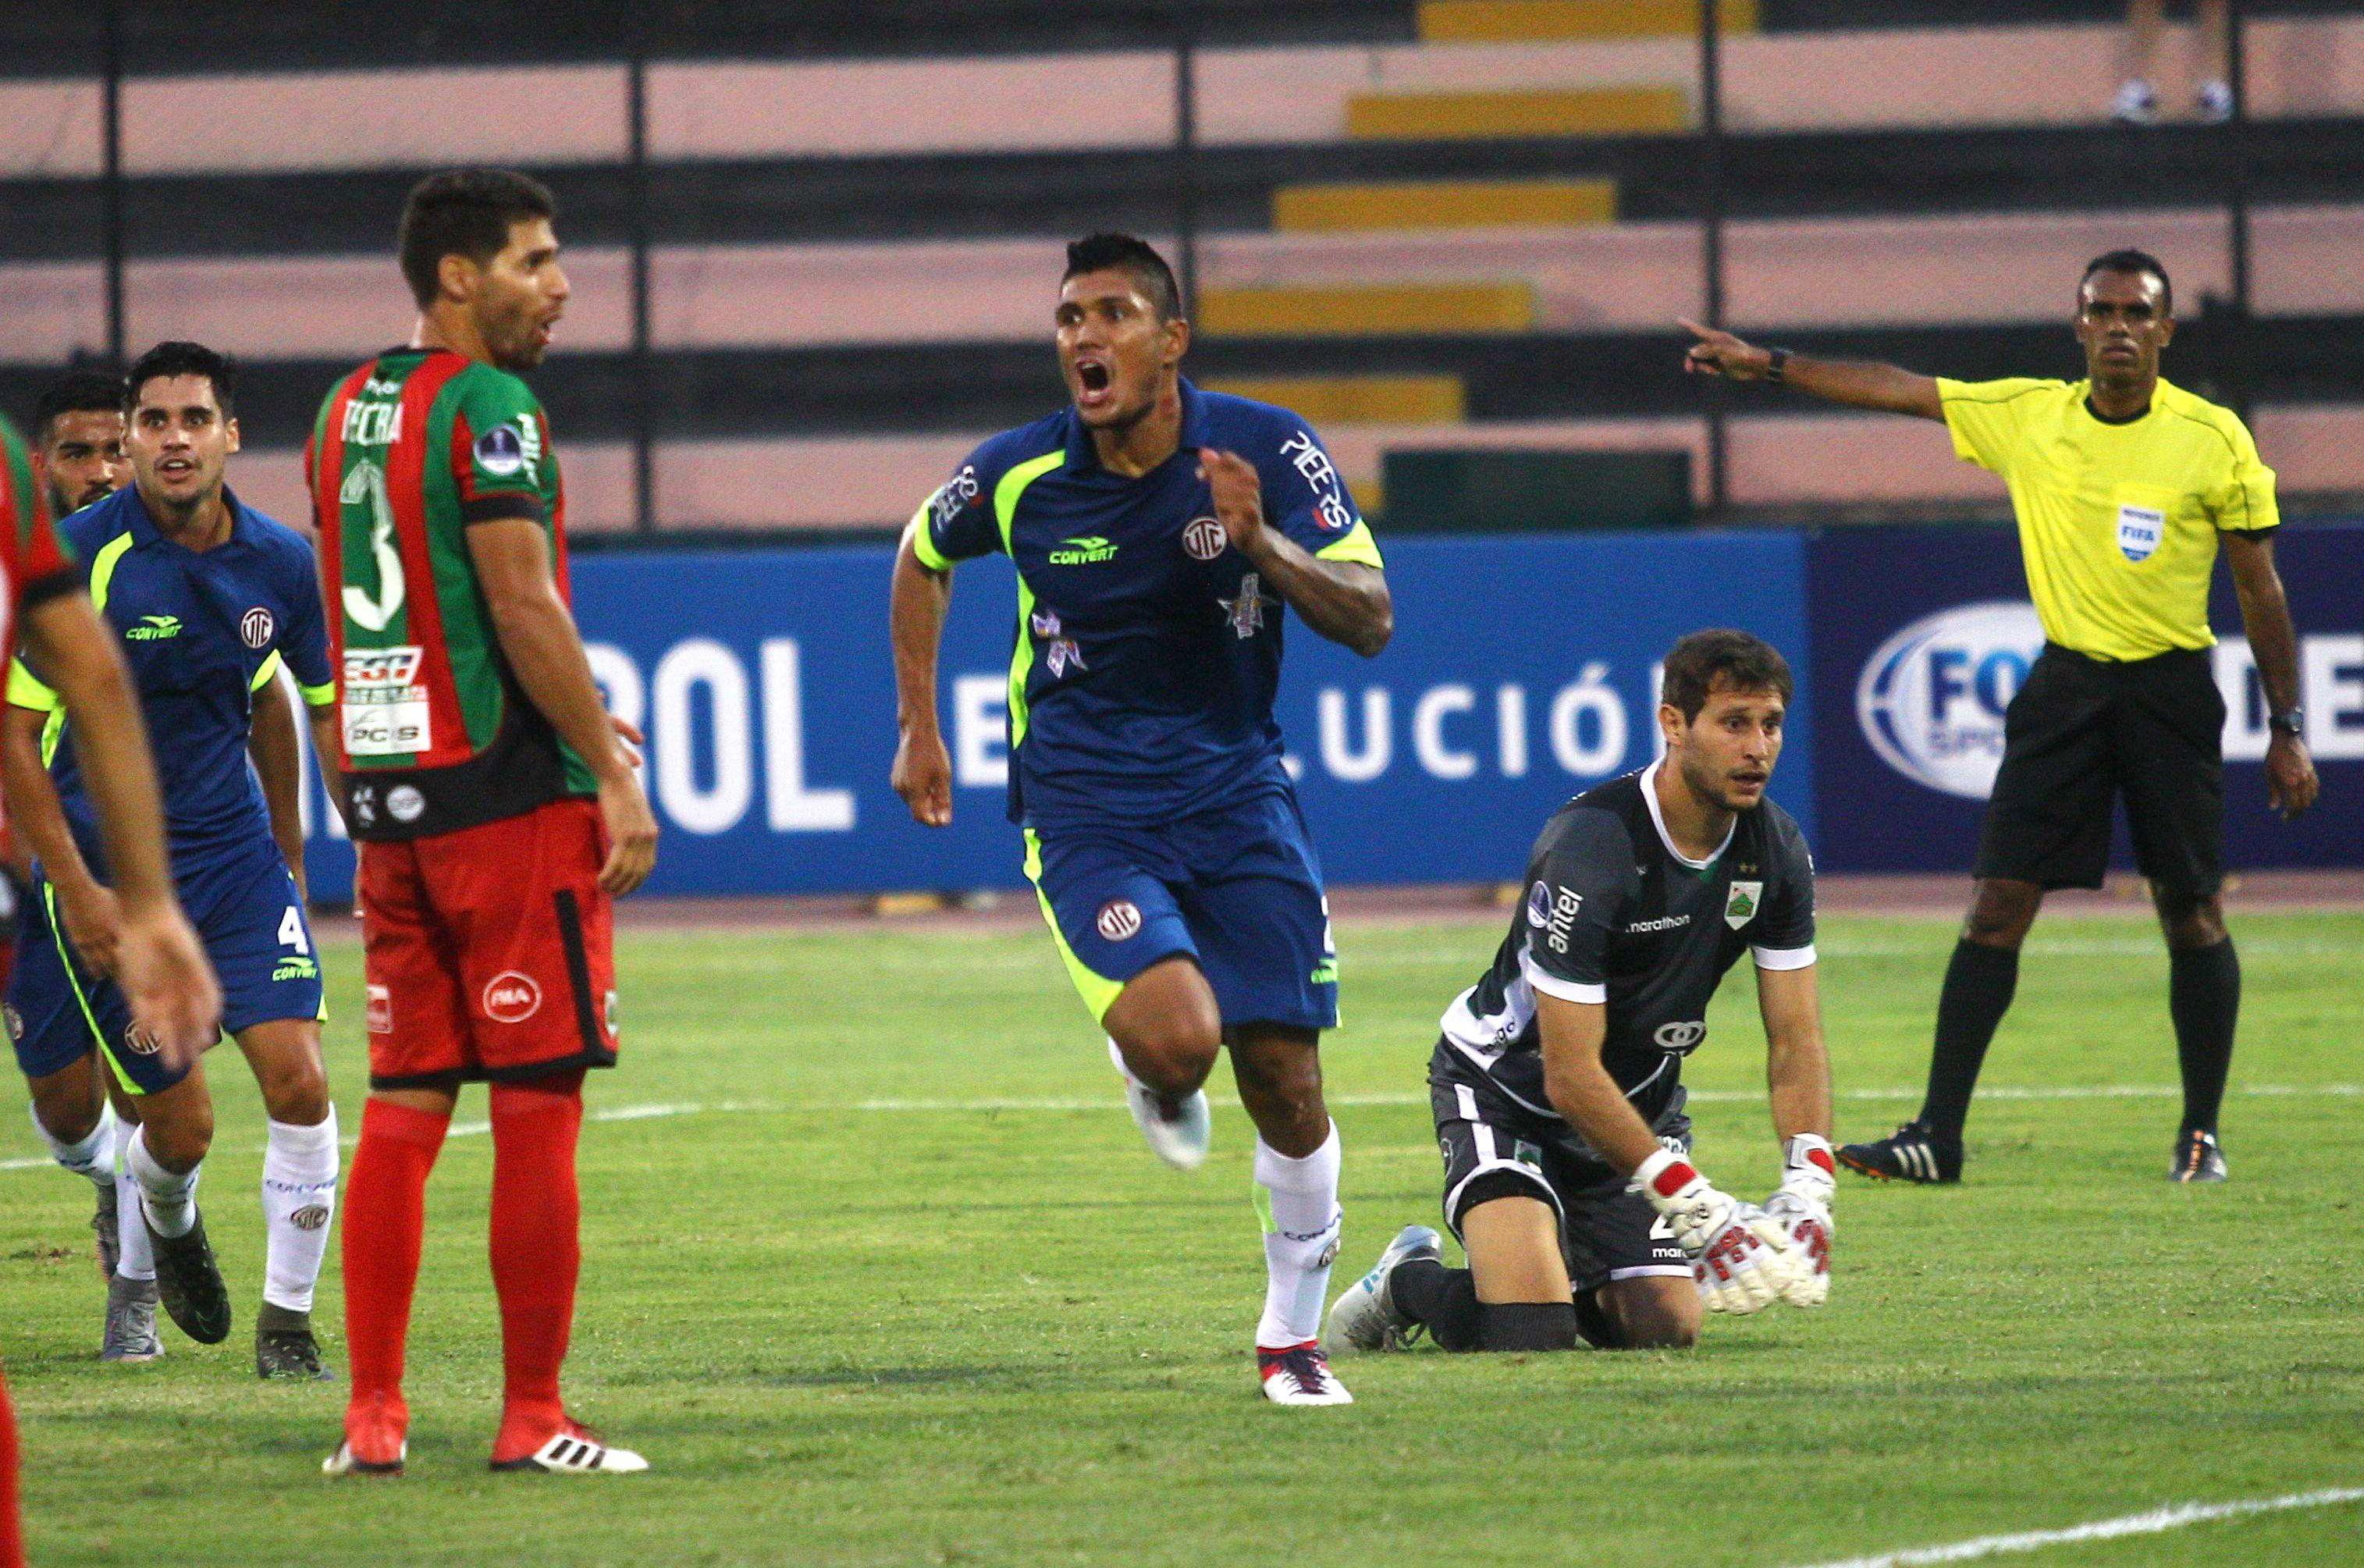 La UTC triunfó en su debut en Sudamericana. Foto: EFE